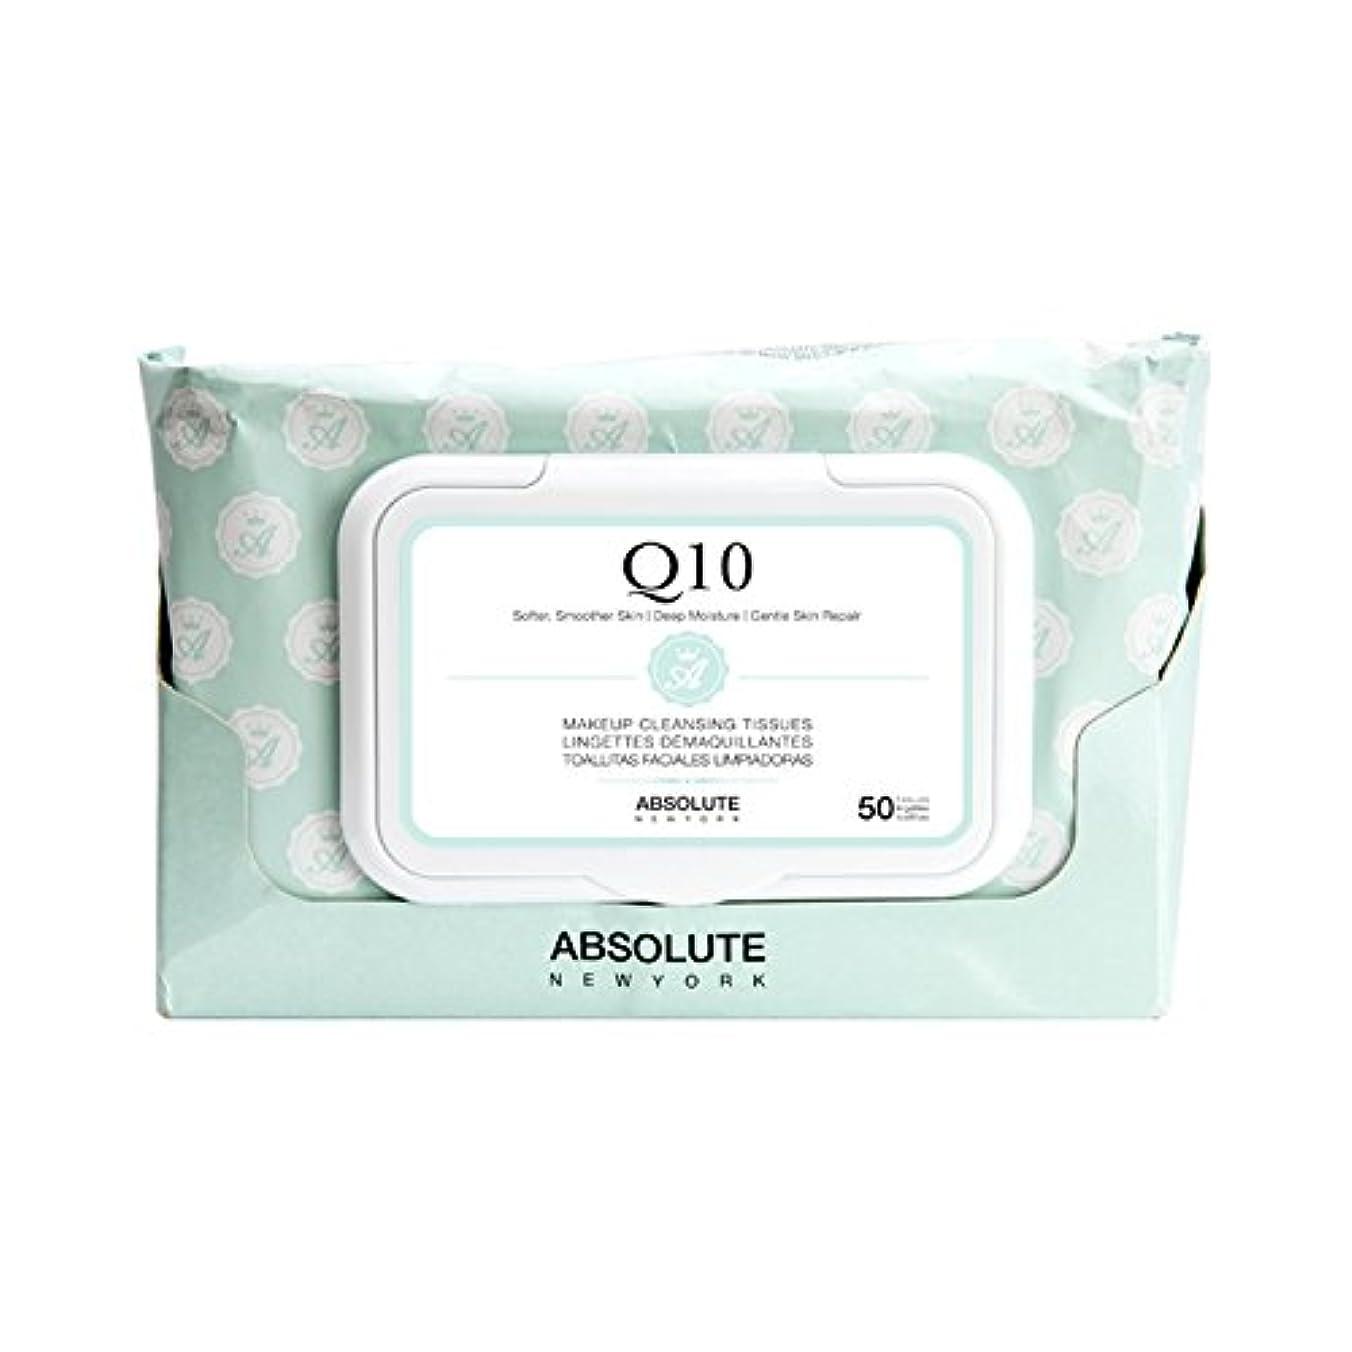 時間とともにシェード撤回するABSOLUTE Makeup Cleansing Tissue 50CT - Q10 (並行輸入品)